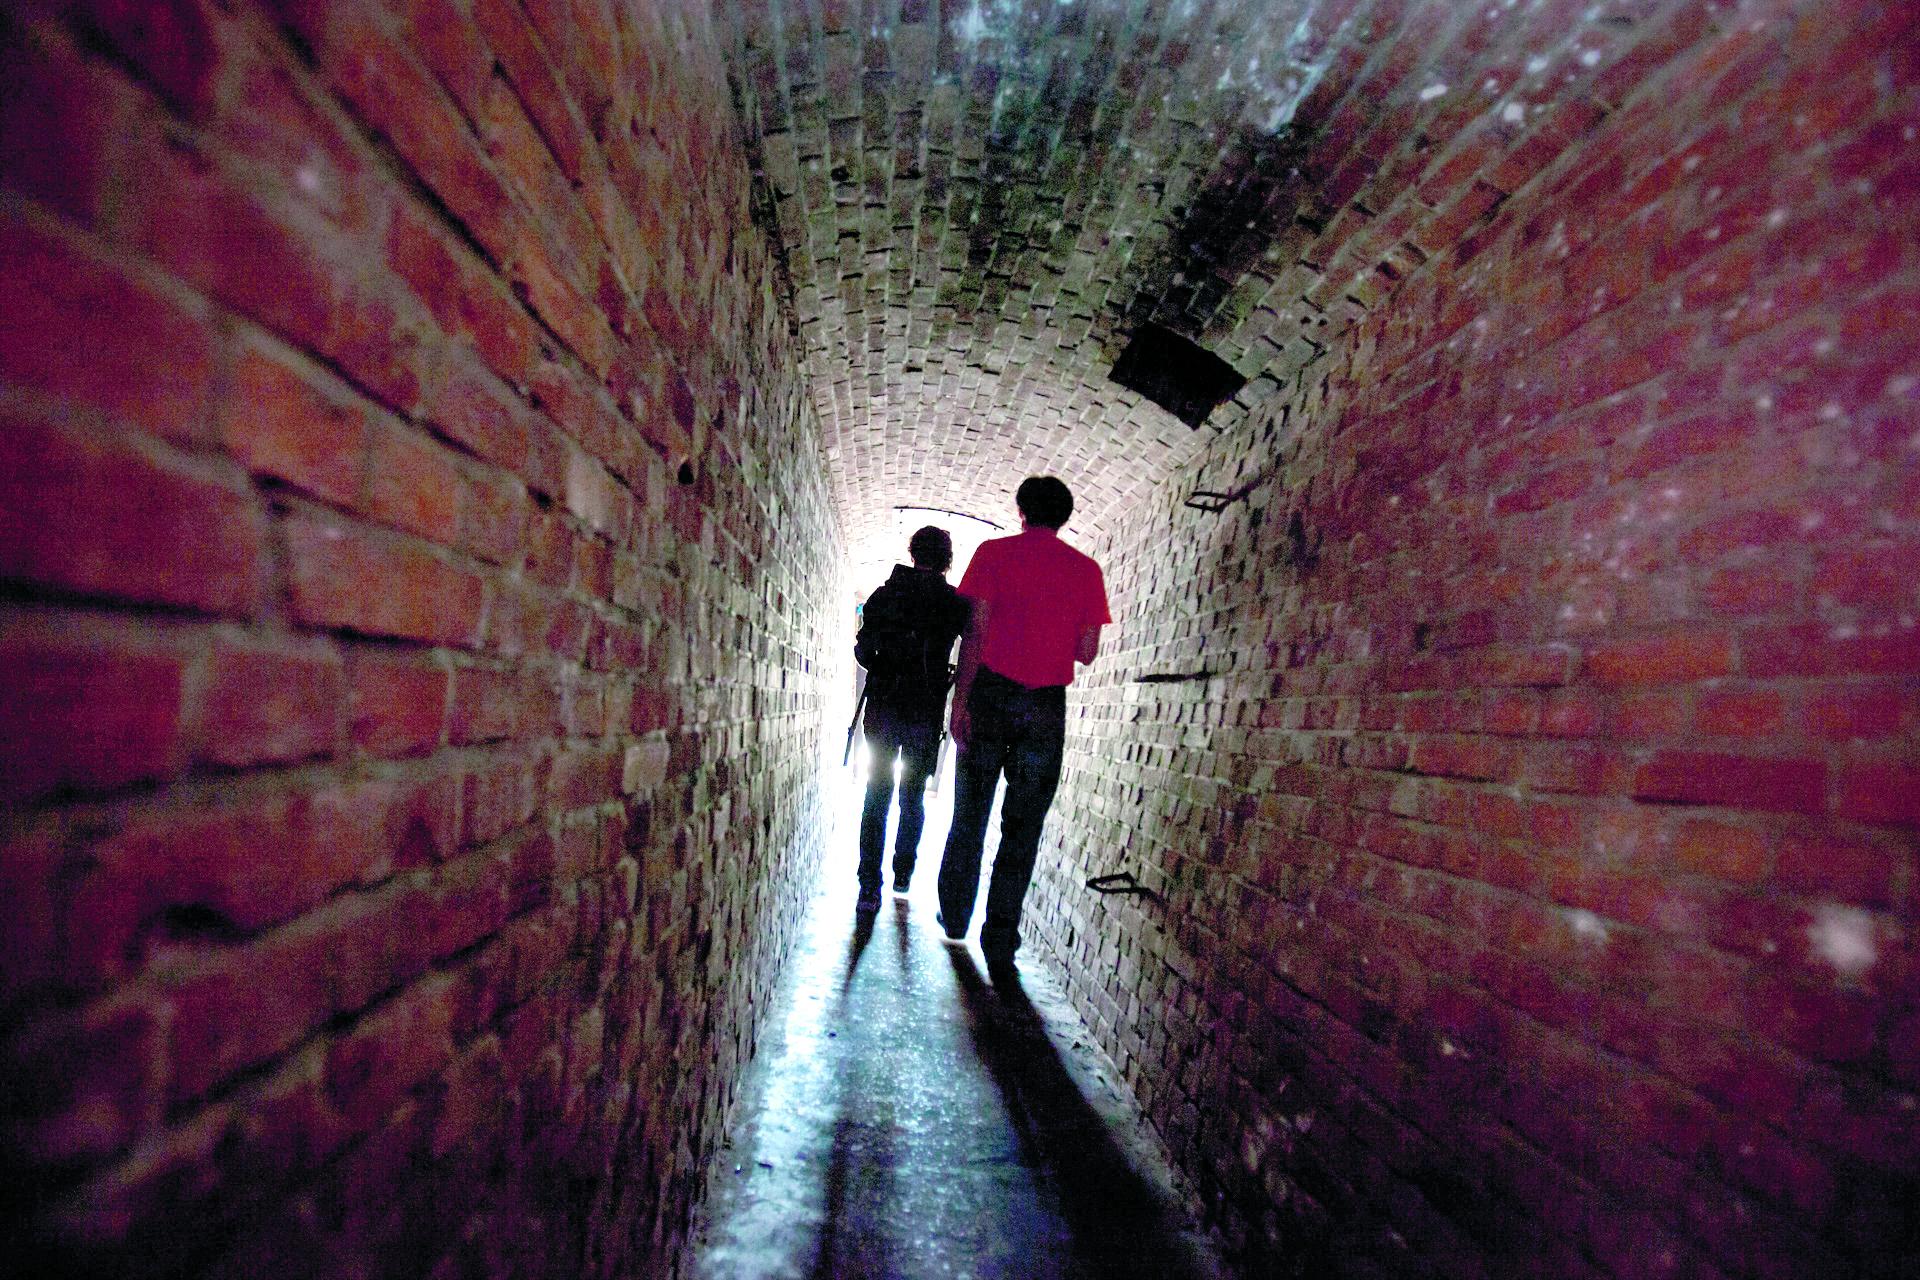 Tijdens Bunkerdag op zaterdag 9 juni gaan de bunkers van de Atlantikwall tussen 10.00 en 17.00 uur voor één dag open voor publiek. (Foto: aangeleverd)